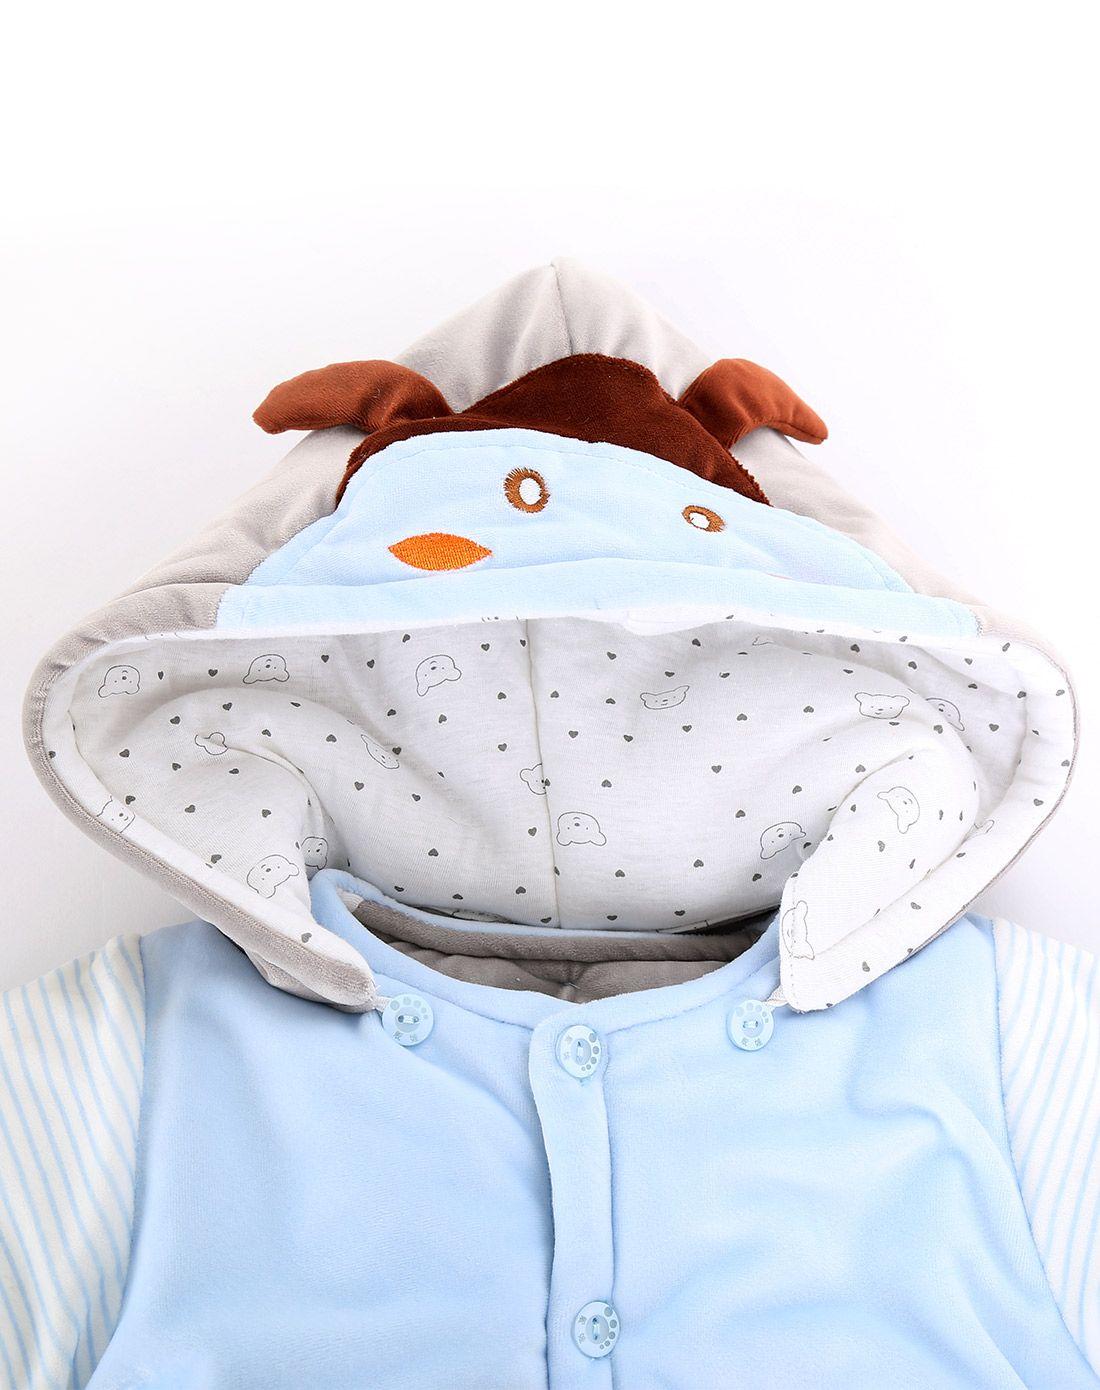 睡王&贝彤婴童睡袋用品睡王可爱宝宝婴装两件套cs361